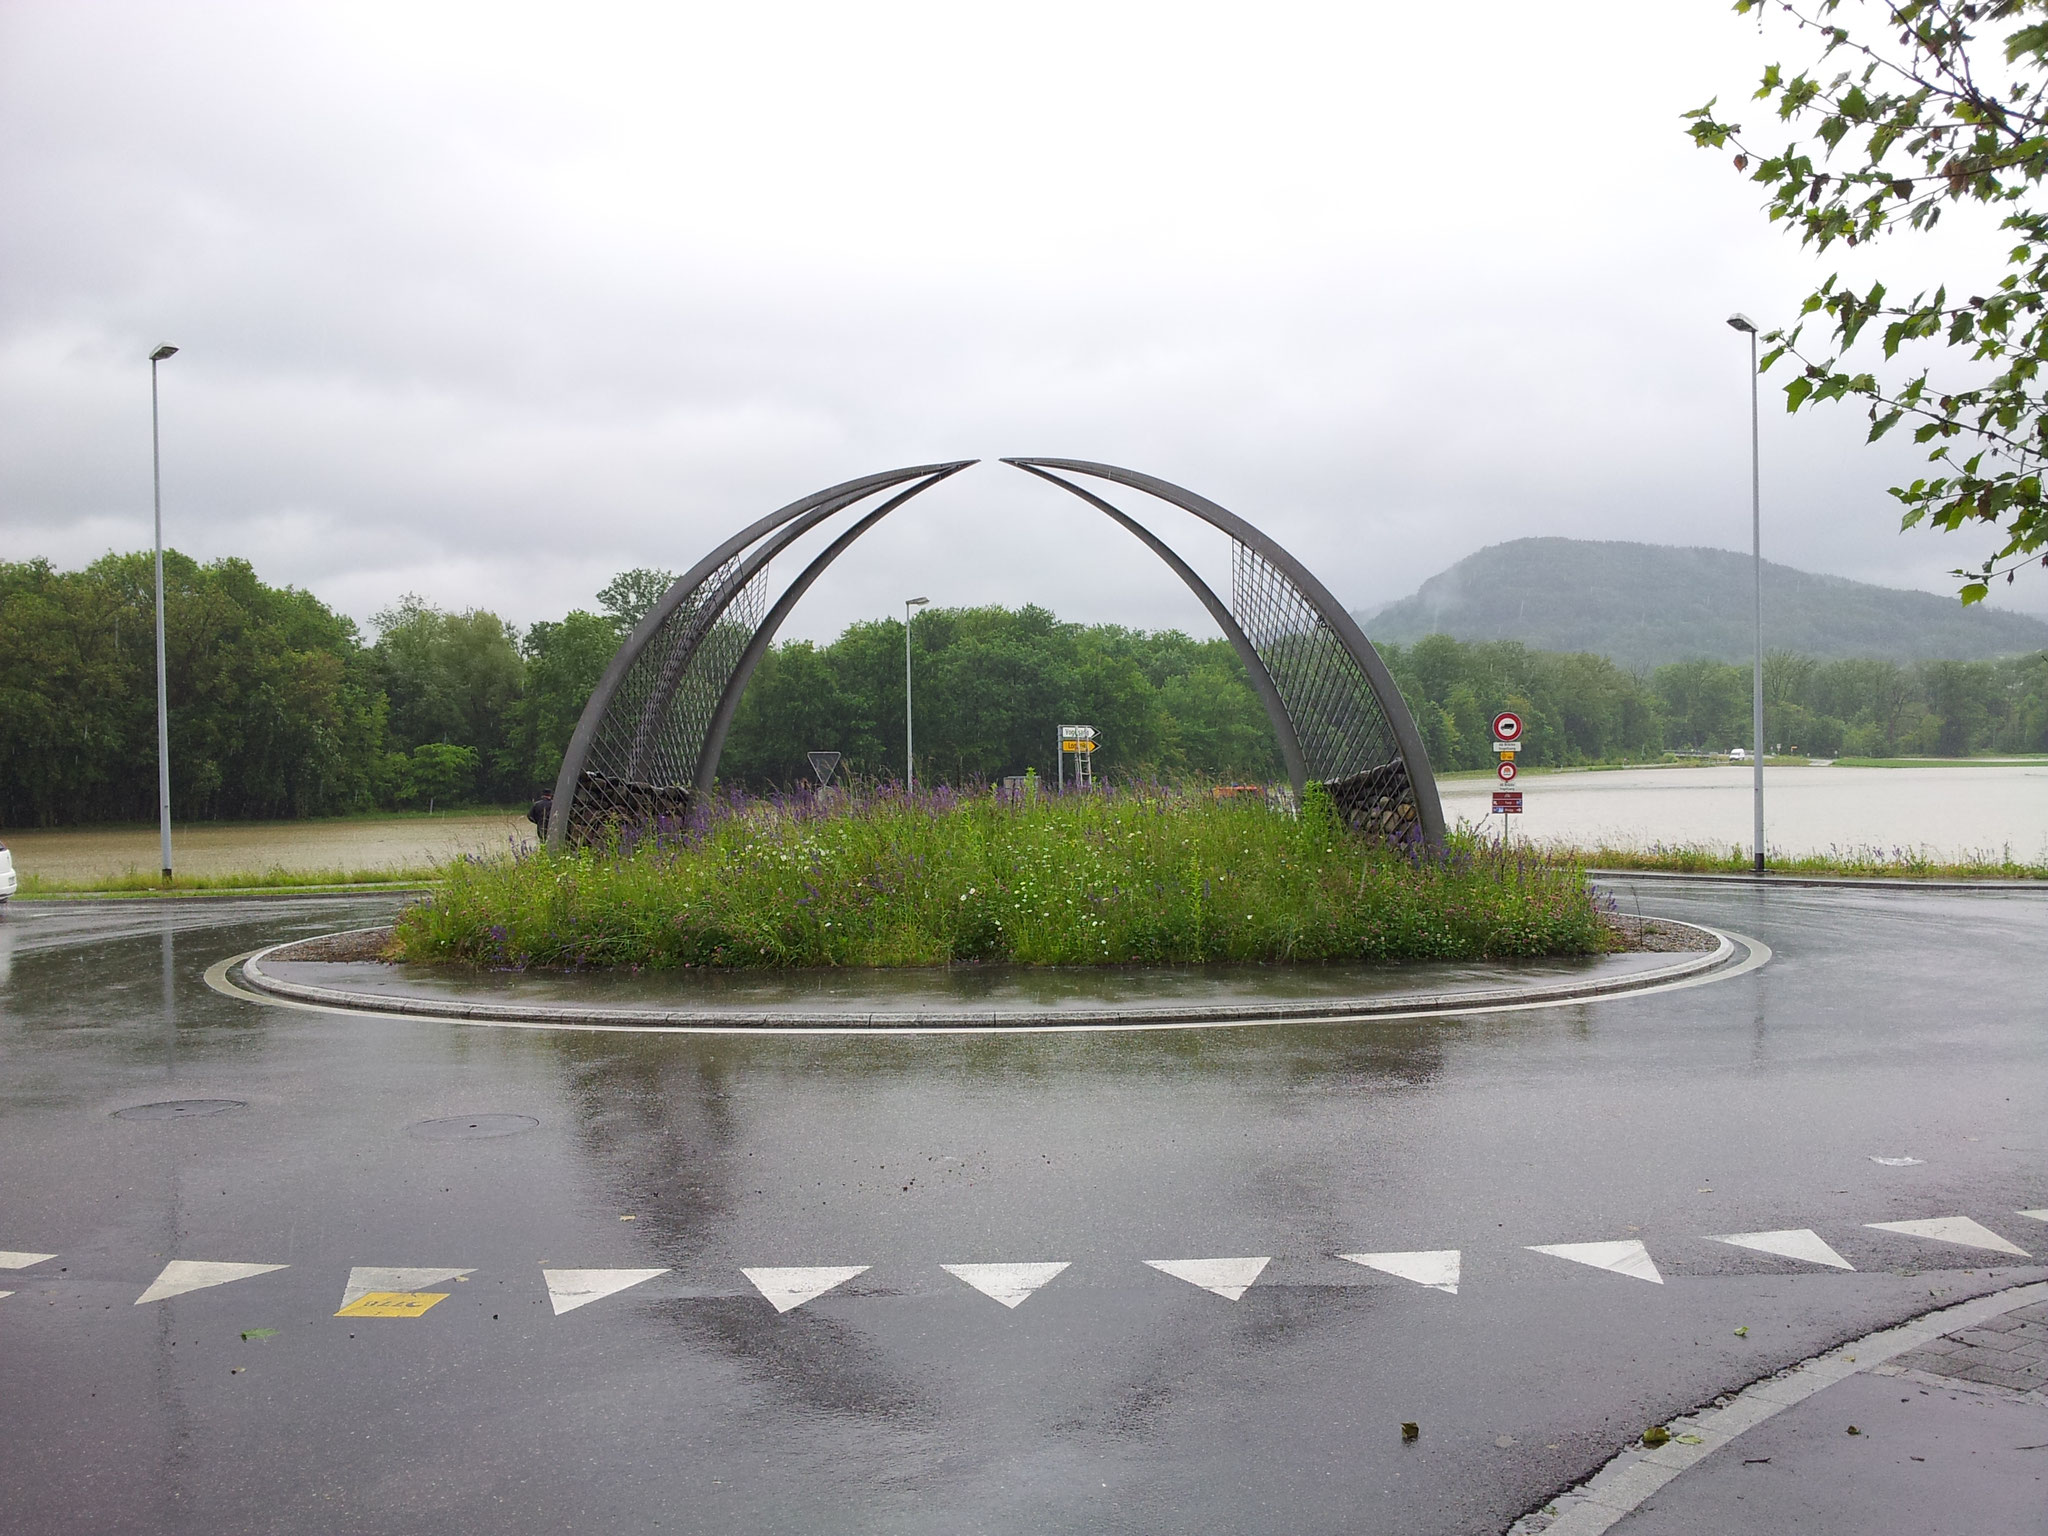 2013 - Hochwasser beim Kreisel Lauffohr (Quelle: Privatfoto)